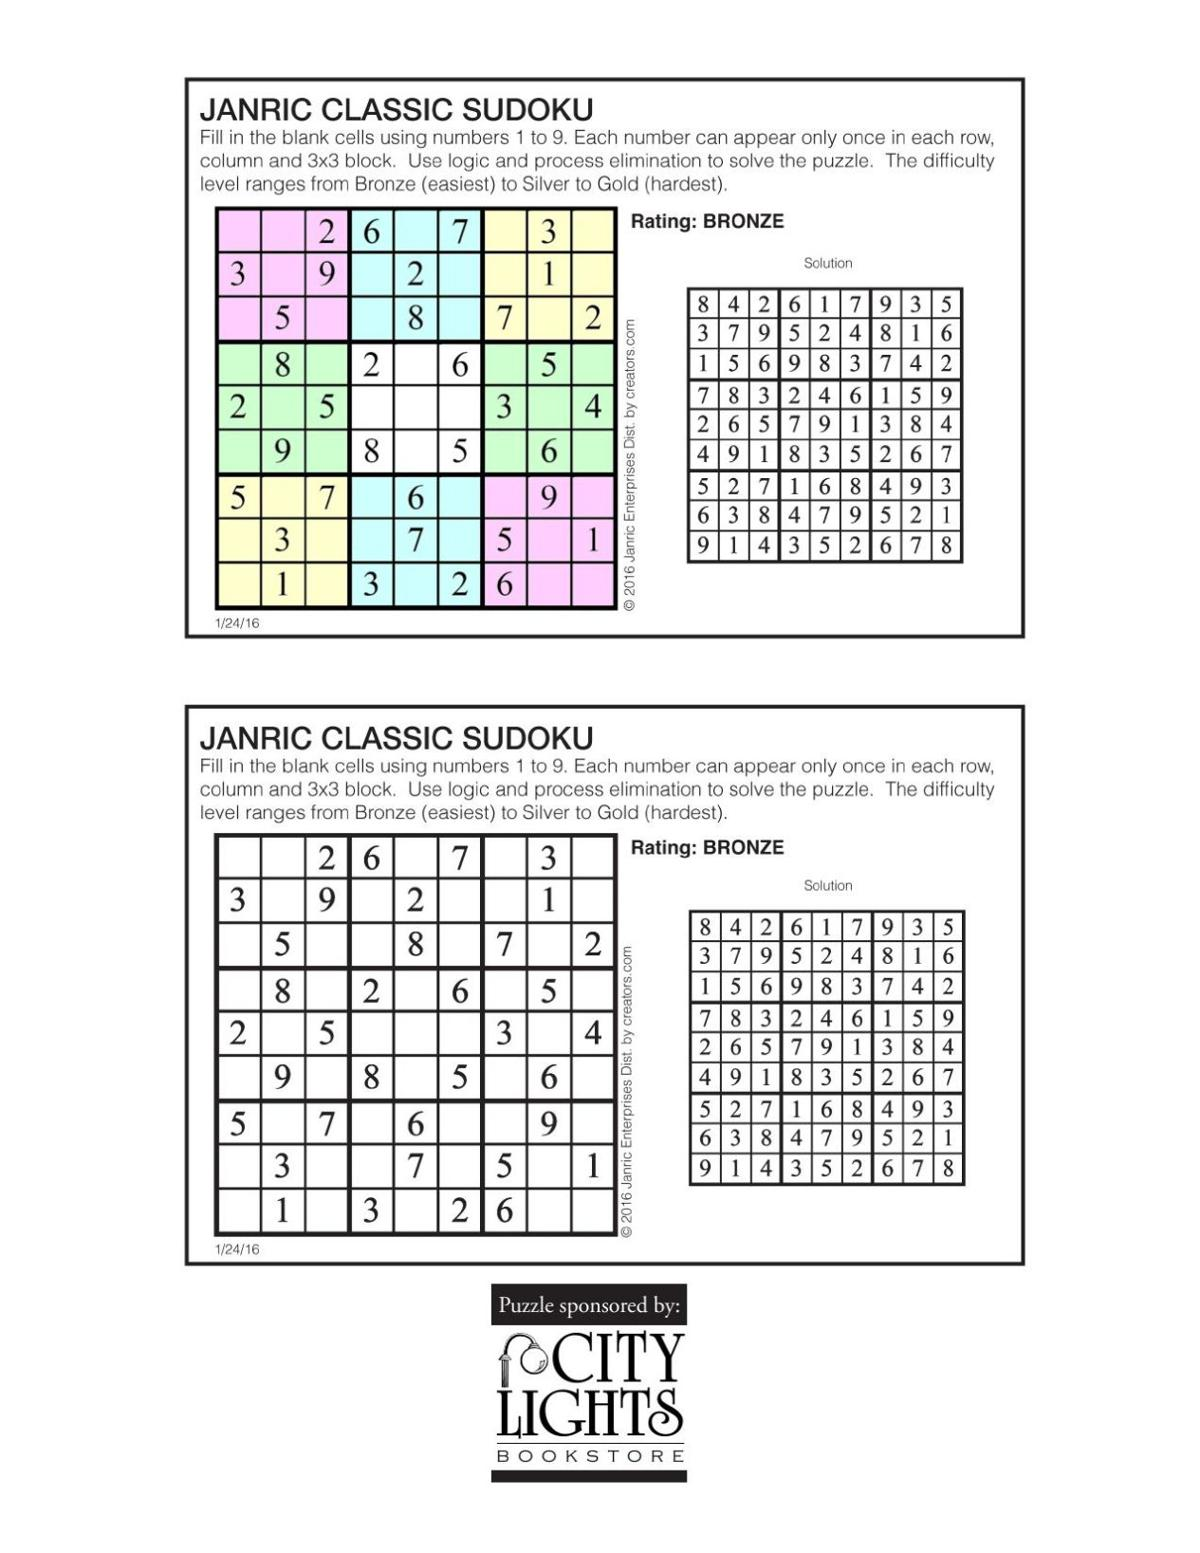 Sudoku - Jan. 28, 2016